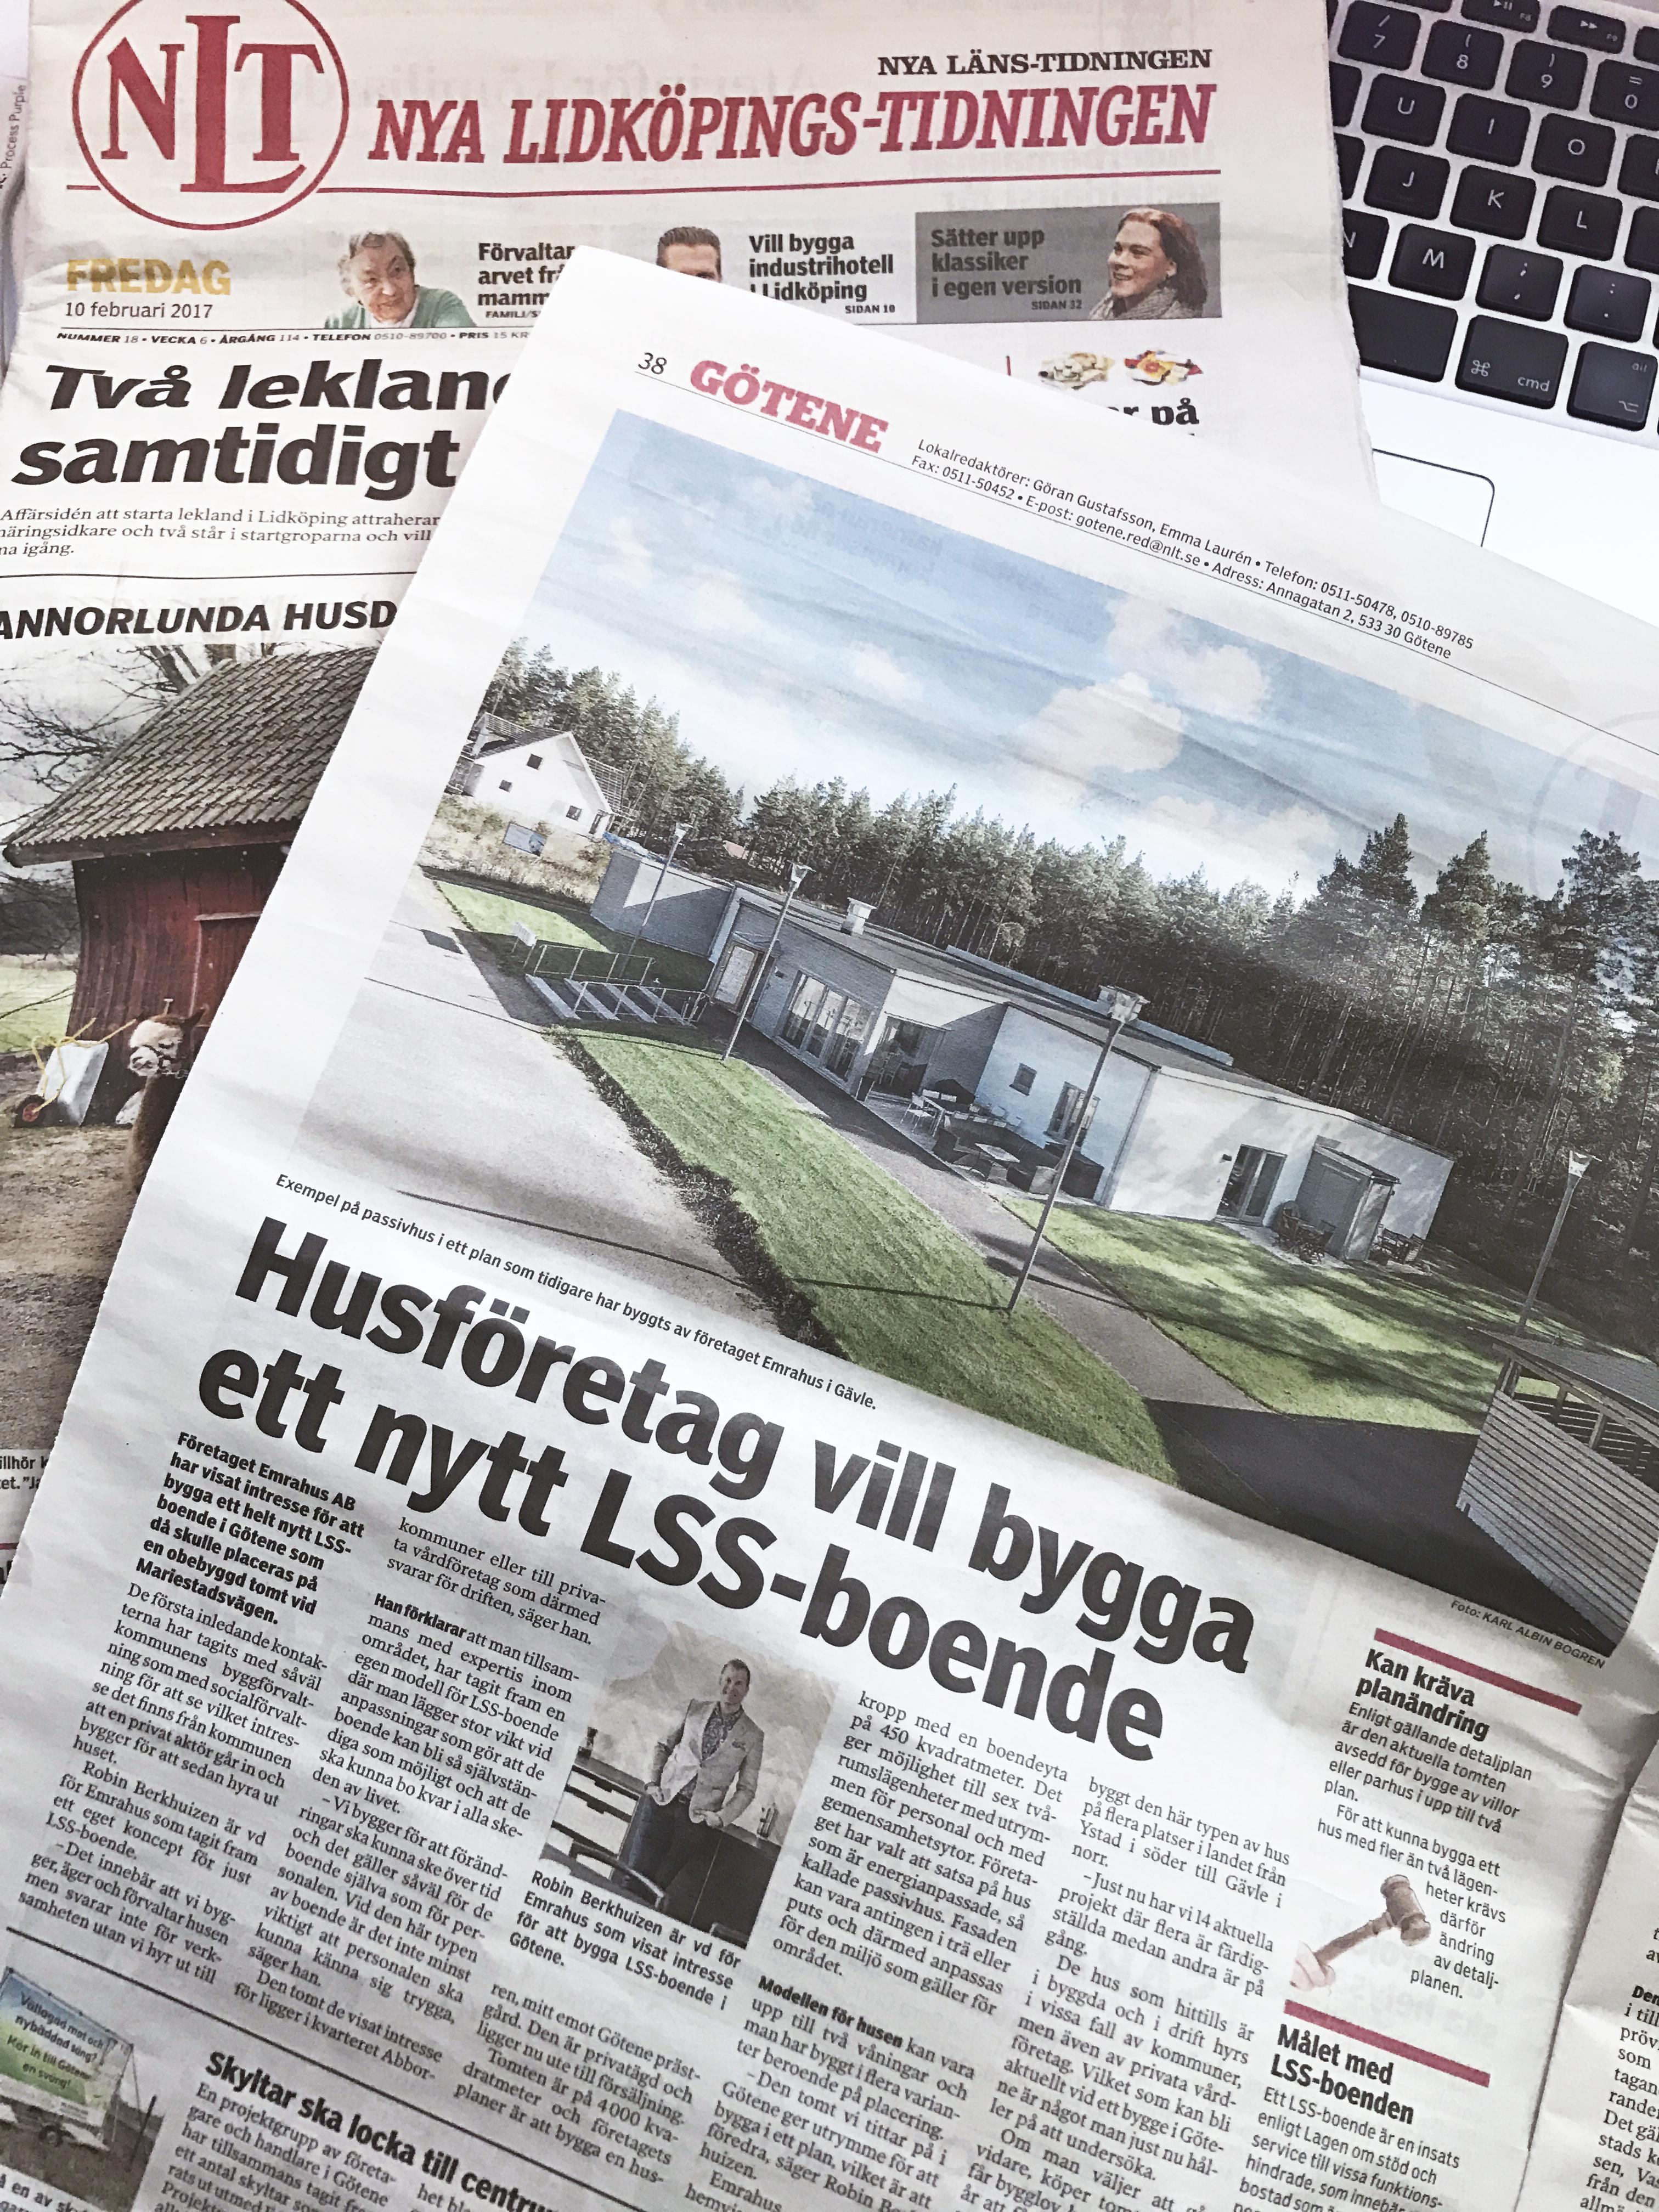 Nya Lidköpings-Tidningen Götene